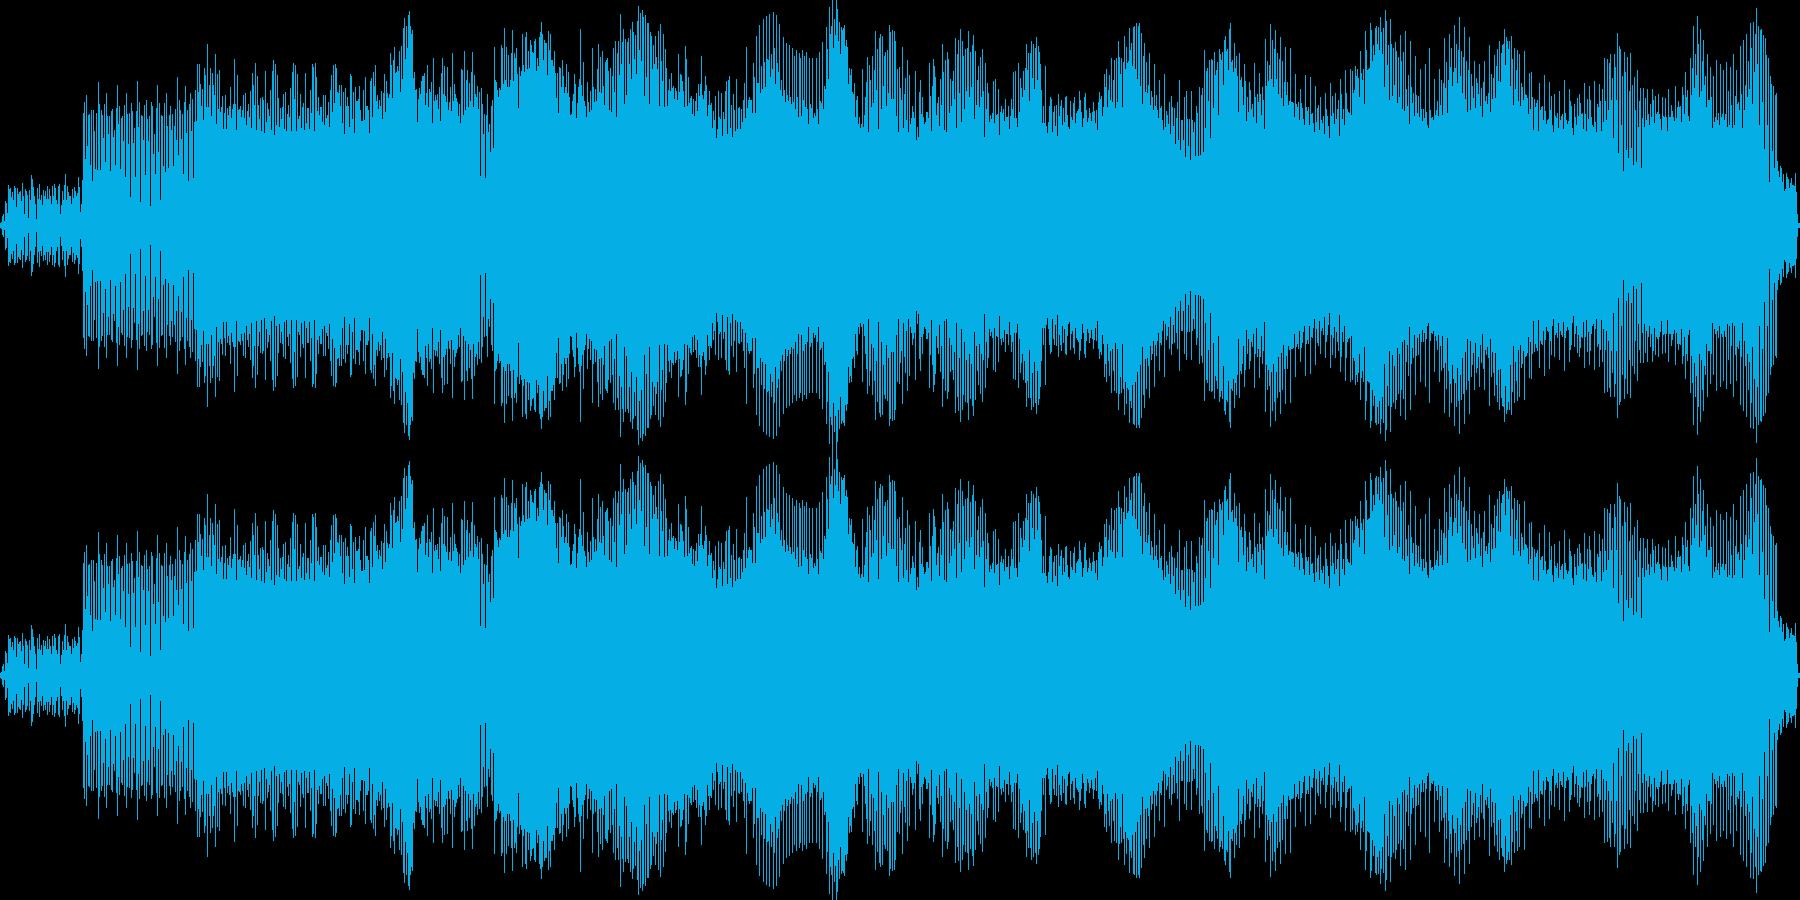 EDM かっこいいです!!!  の再生済みの波形